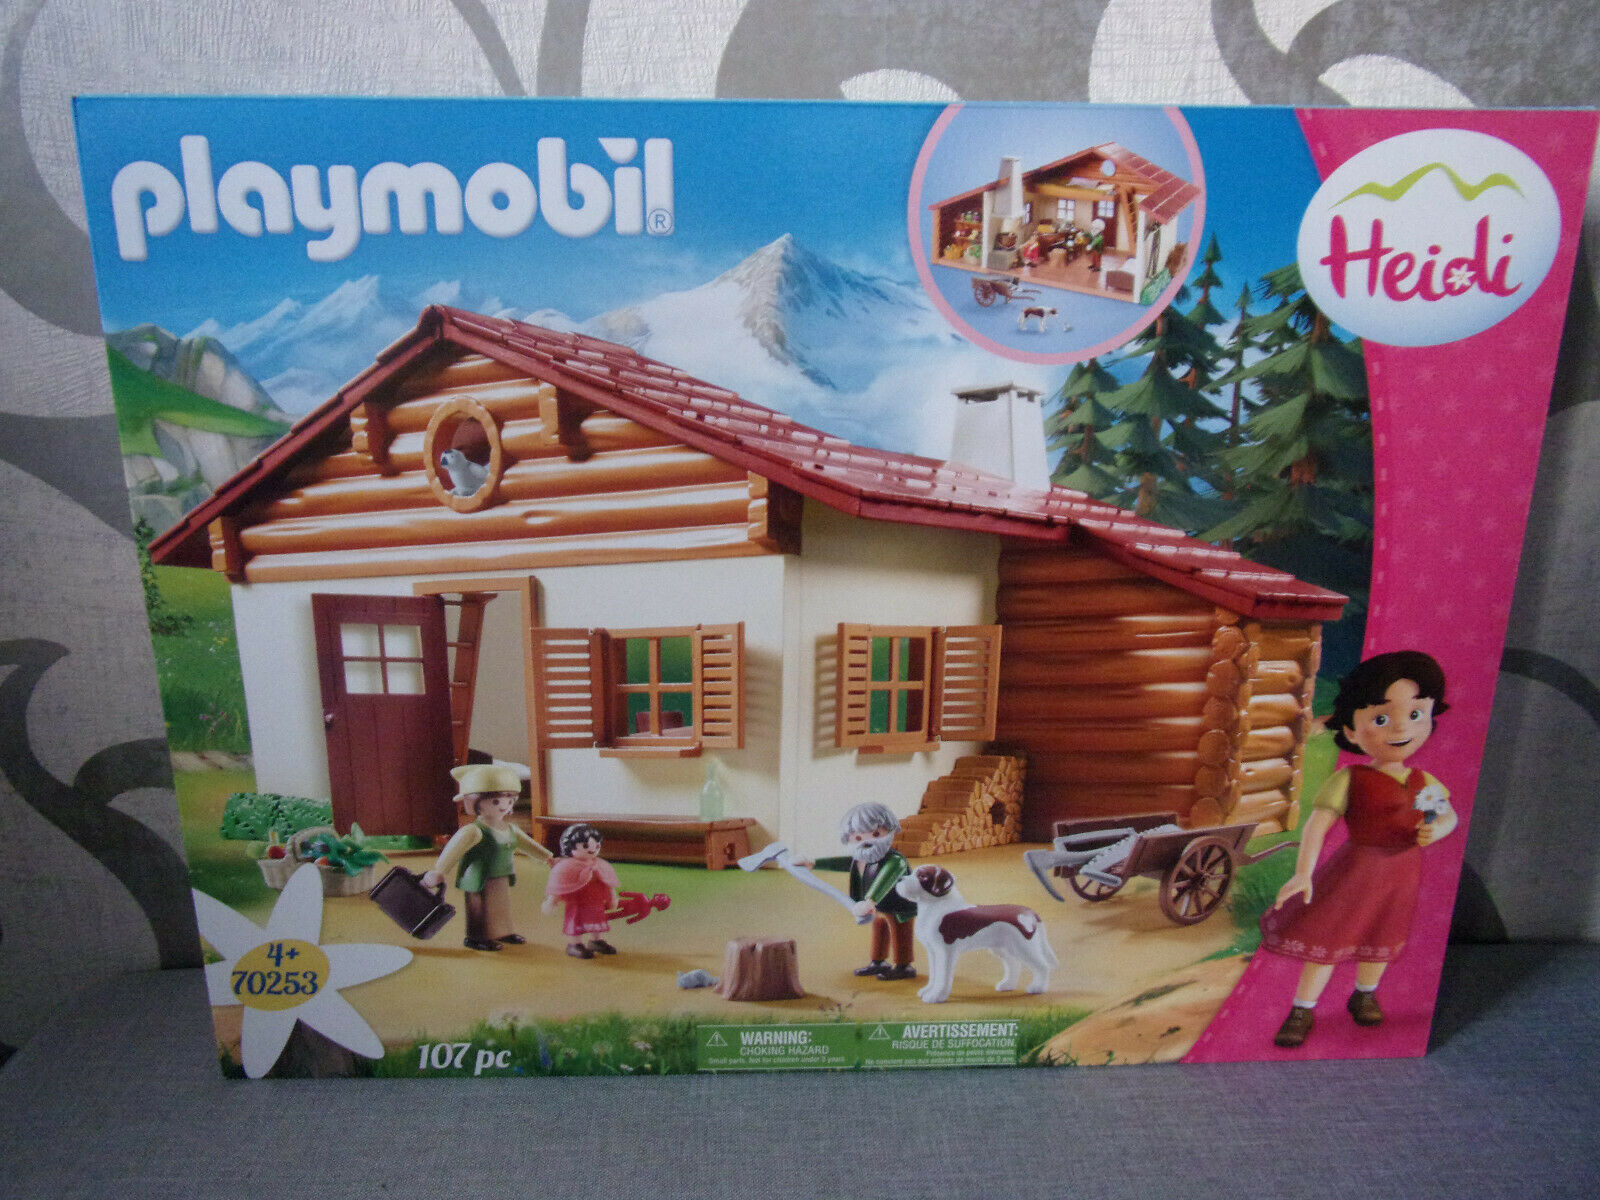 Playmobil Heidi - 70253 e Nonno Auf Der Cassetta - Nuovo in Confezione Originale